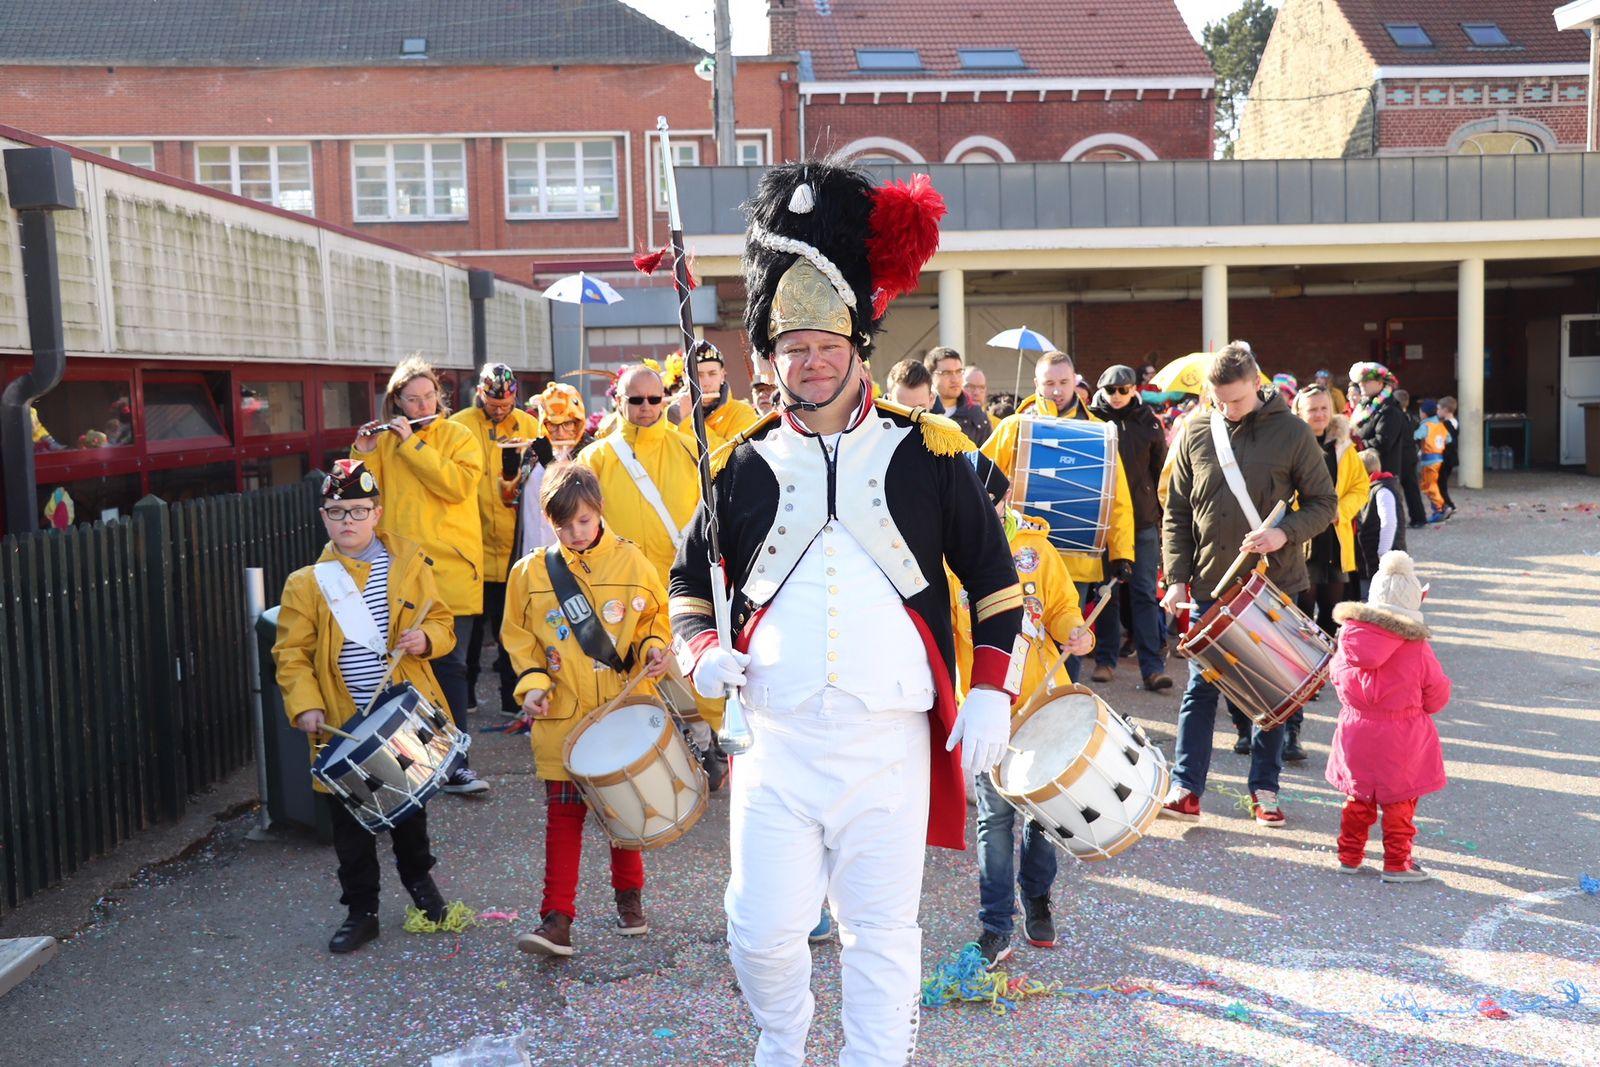 SEC Connaissance d'un événement du patrimoine local : le carnaval de Dunkerque PAGNOL